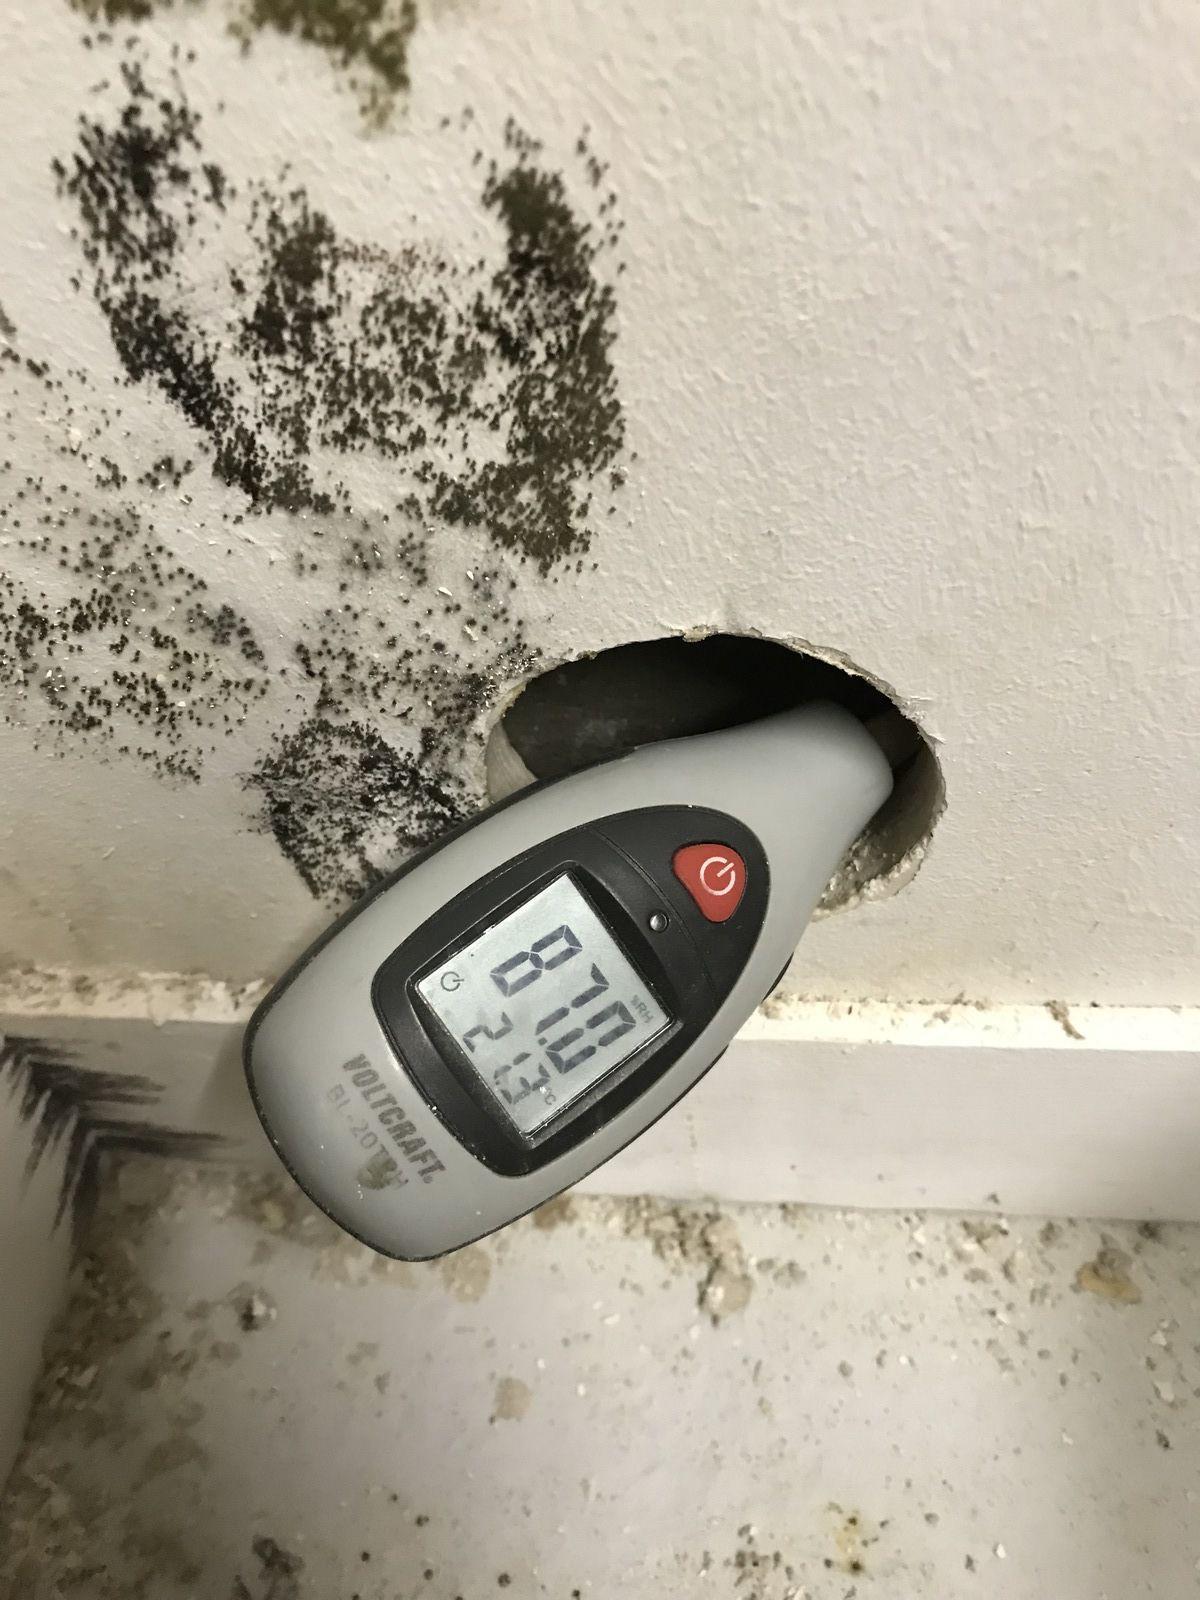 Qu'est ce qui peut causer un fort taux d'humidité dans une maison ?